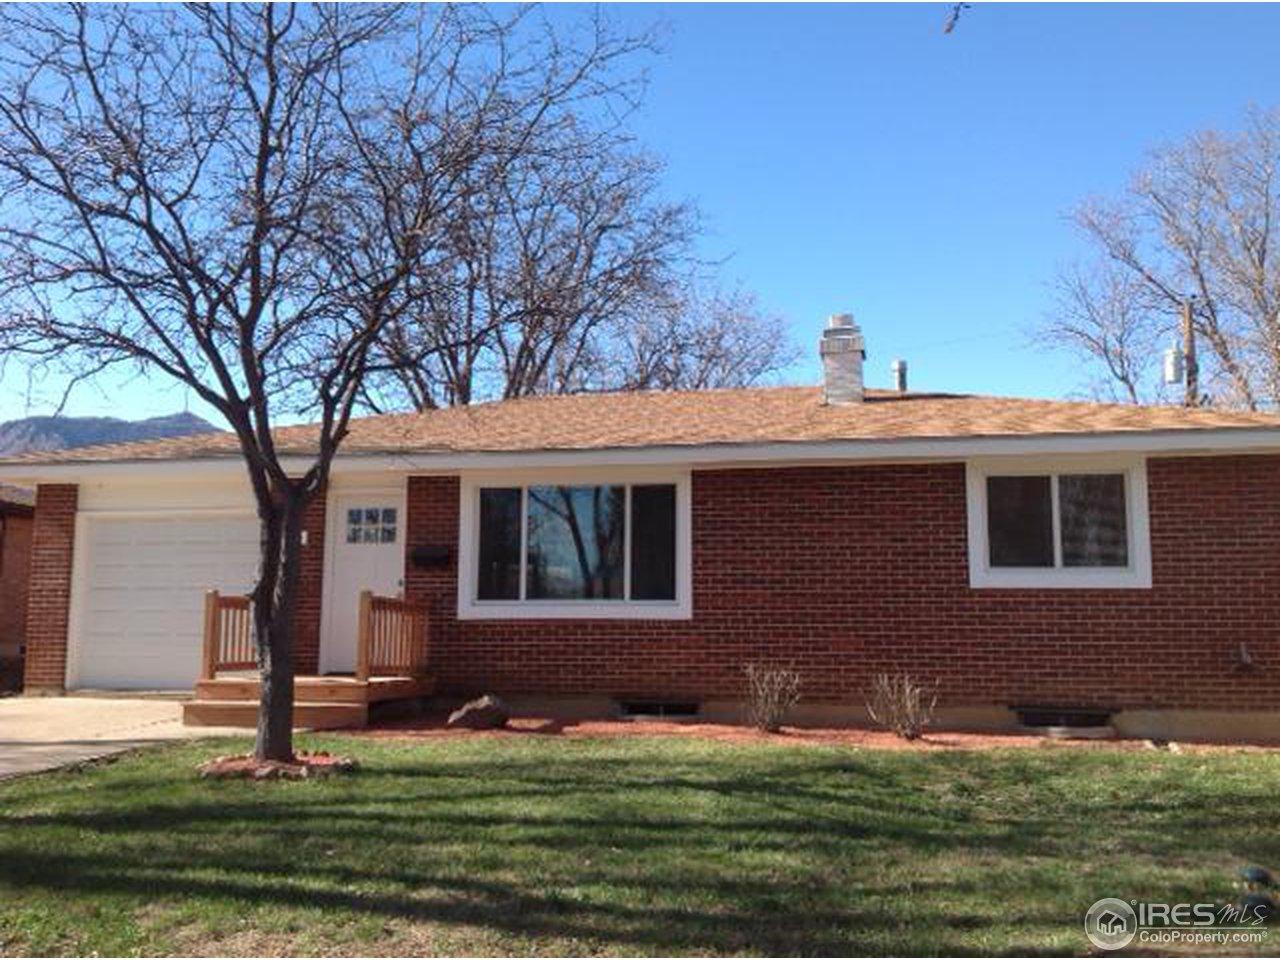 445 S 42nd St, Boulder CO 80305